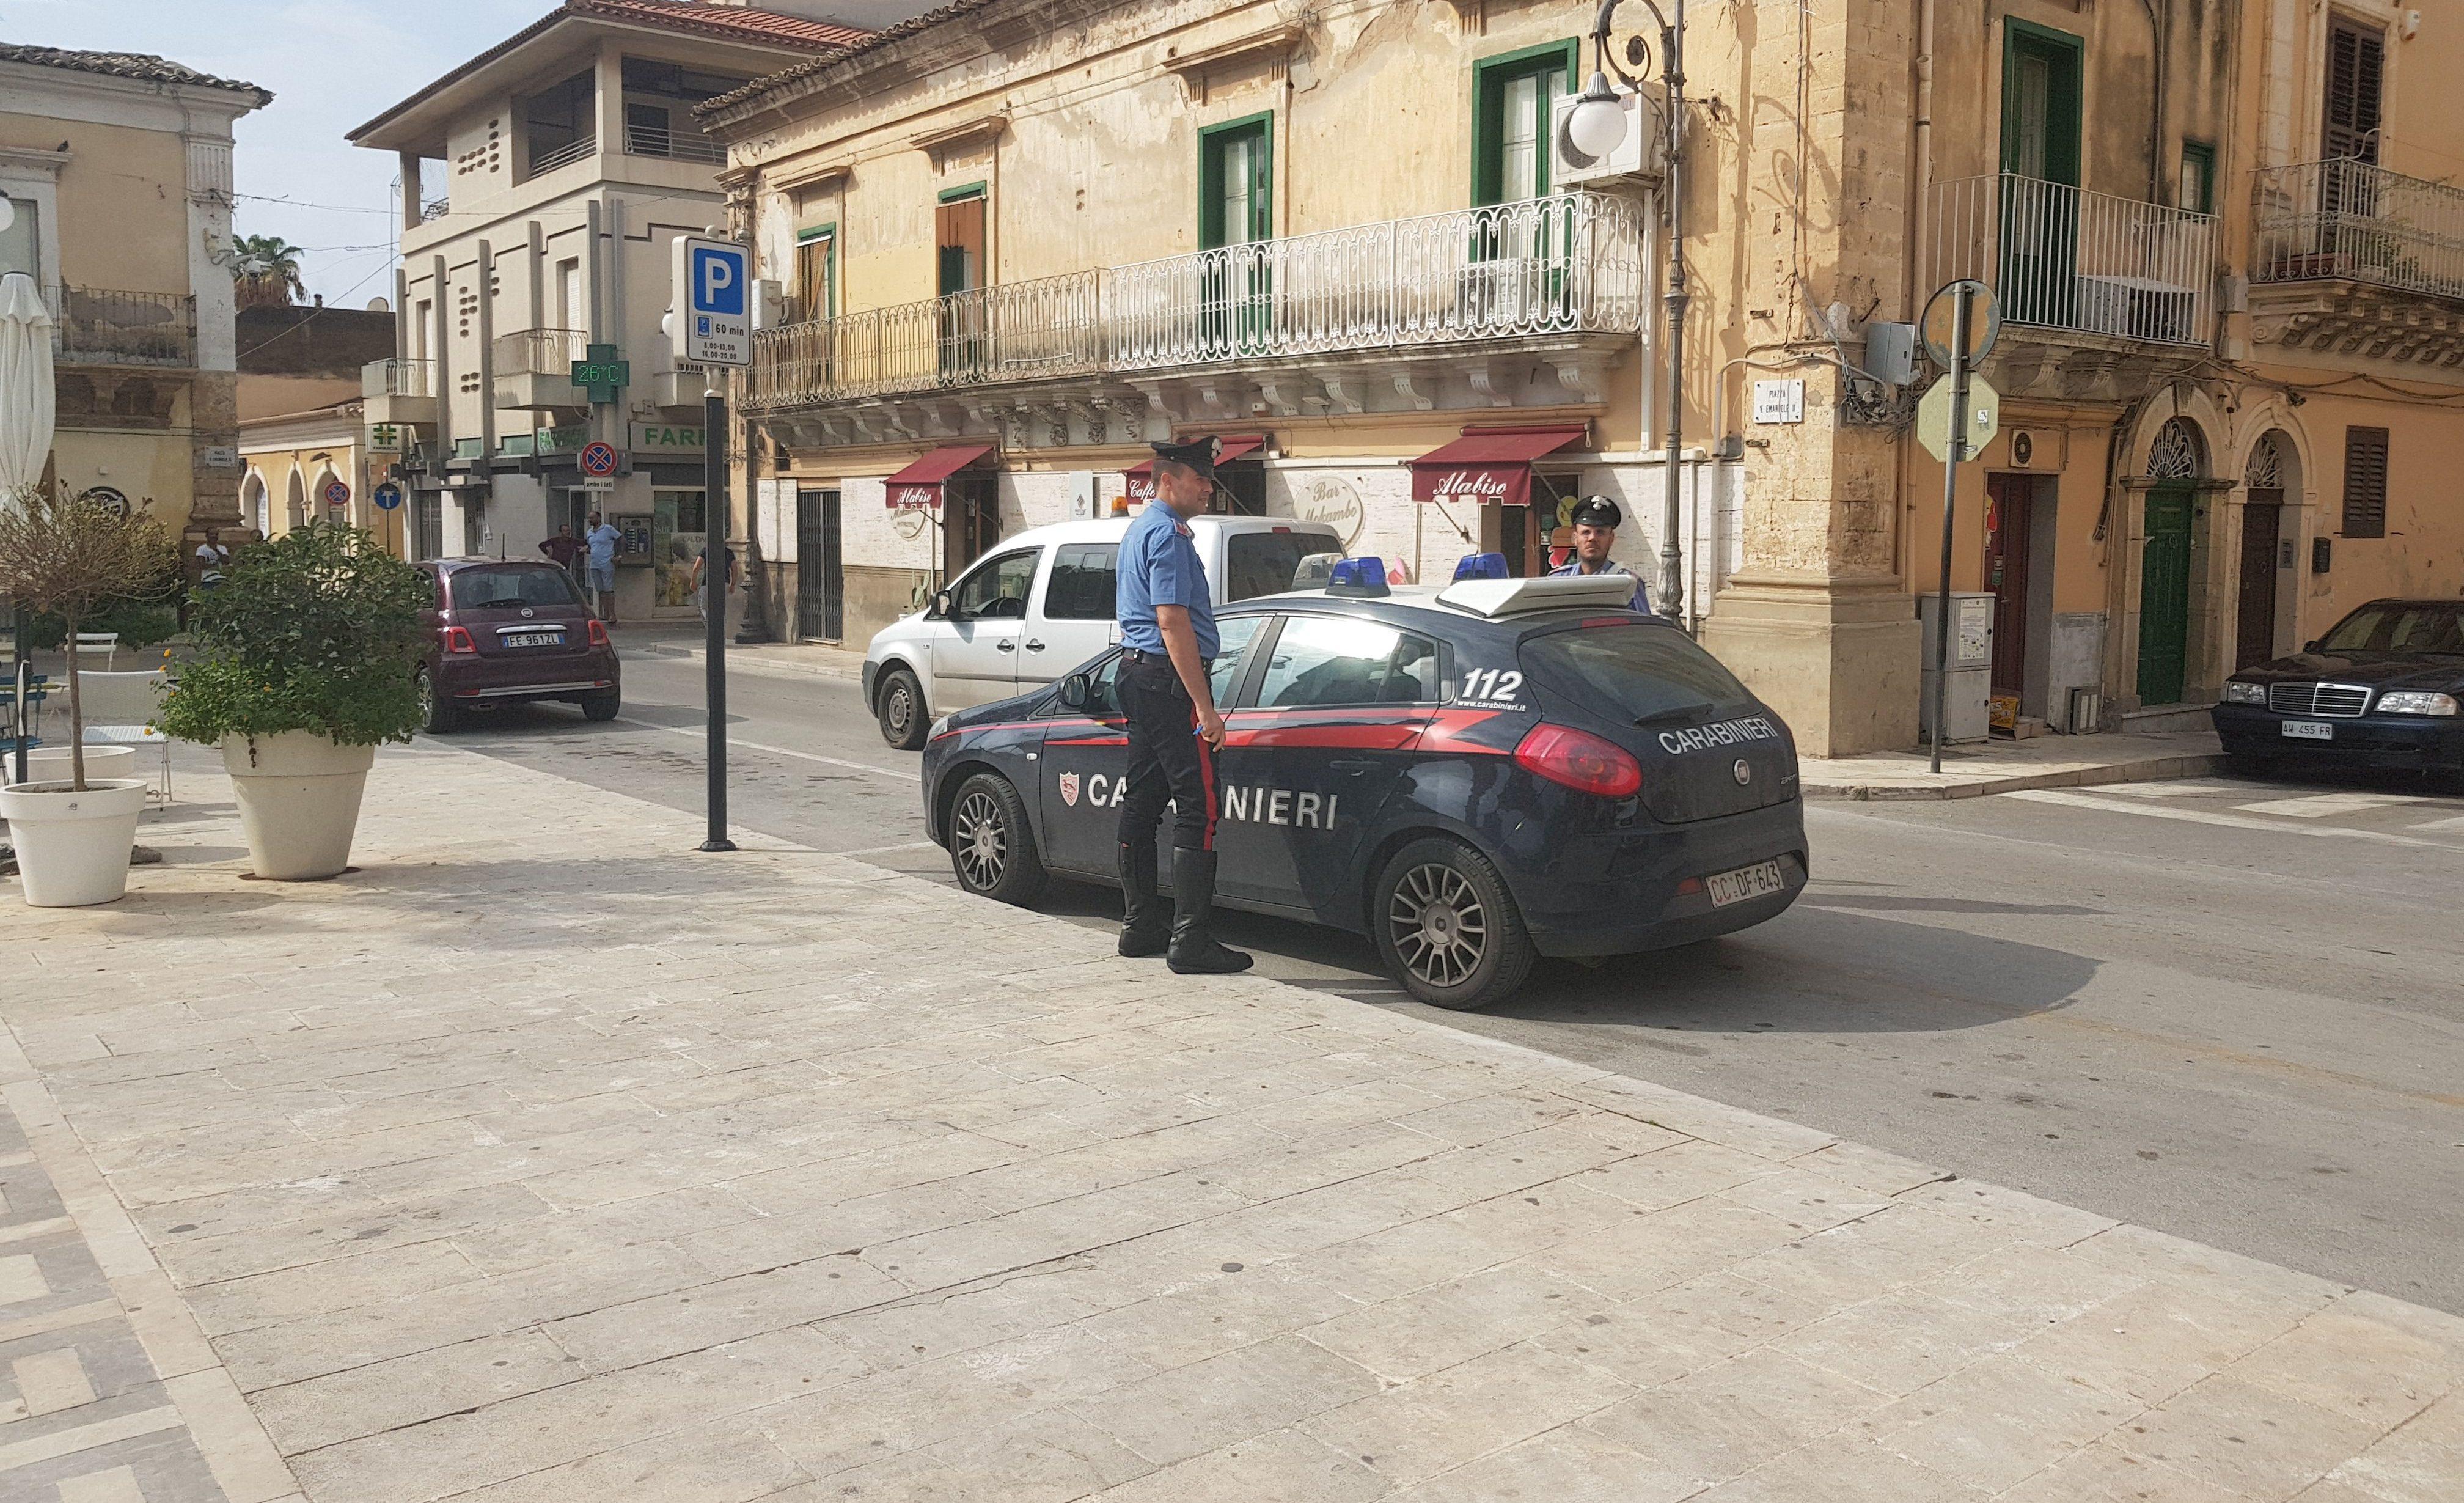 Nuovi controlli a tappeto: l'occhio vigile dei carabinieri sulle attività di spaccio